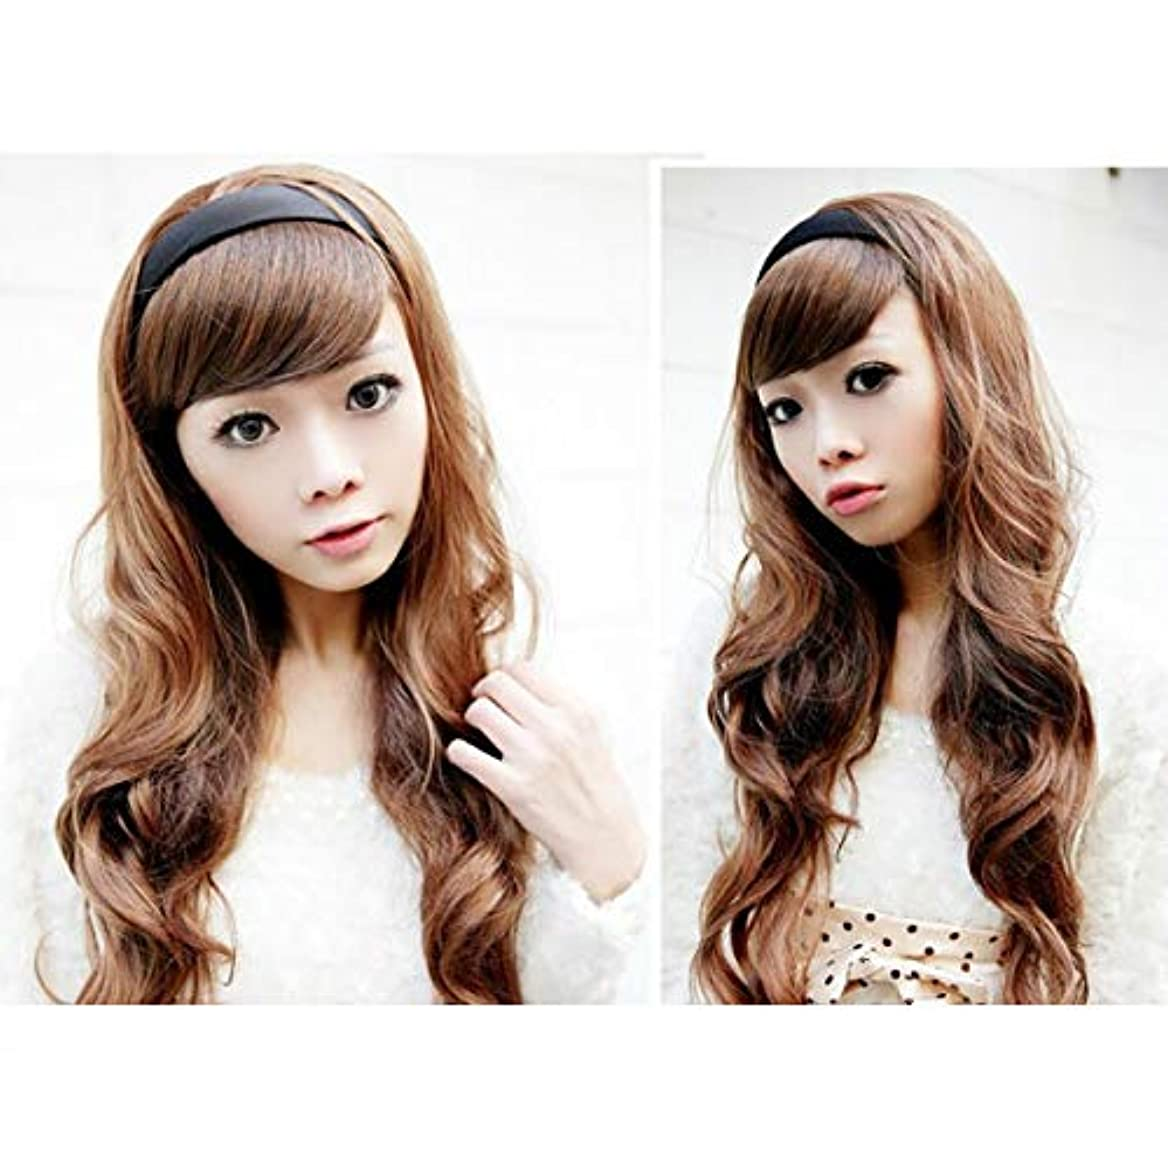 顔料リレー頬骨YZUEYT 女性の毛のウィッグは、黒いフープのヘッドブランドと長い波状 YZUEYT (Color : Color Dark Brown, Size : One size)